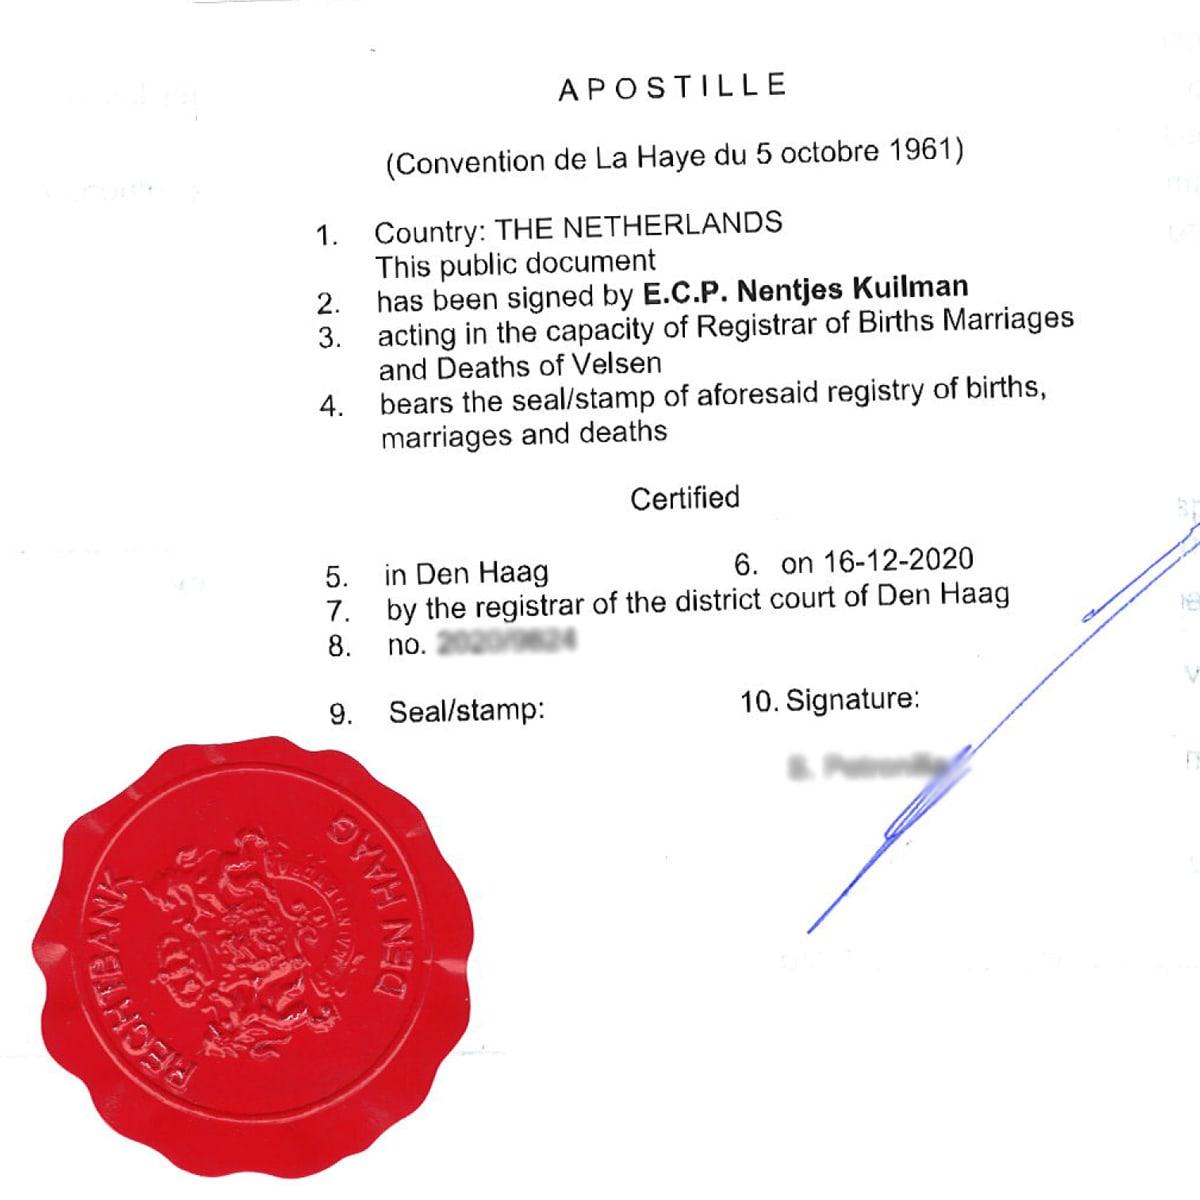 Apostila z Nizozemska